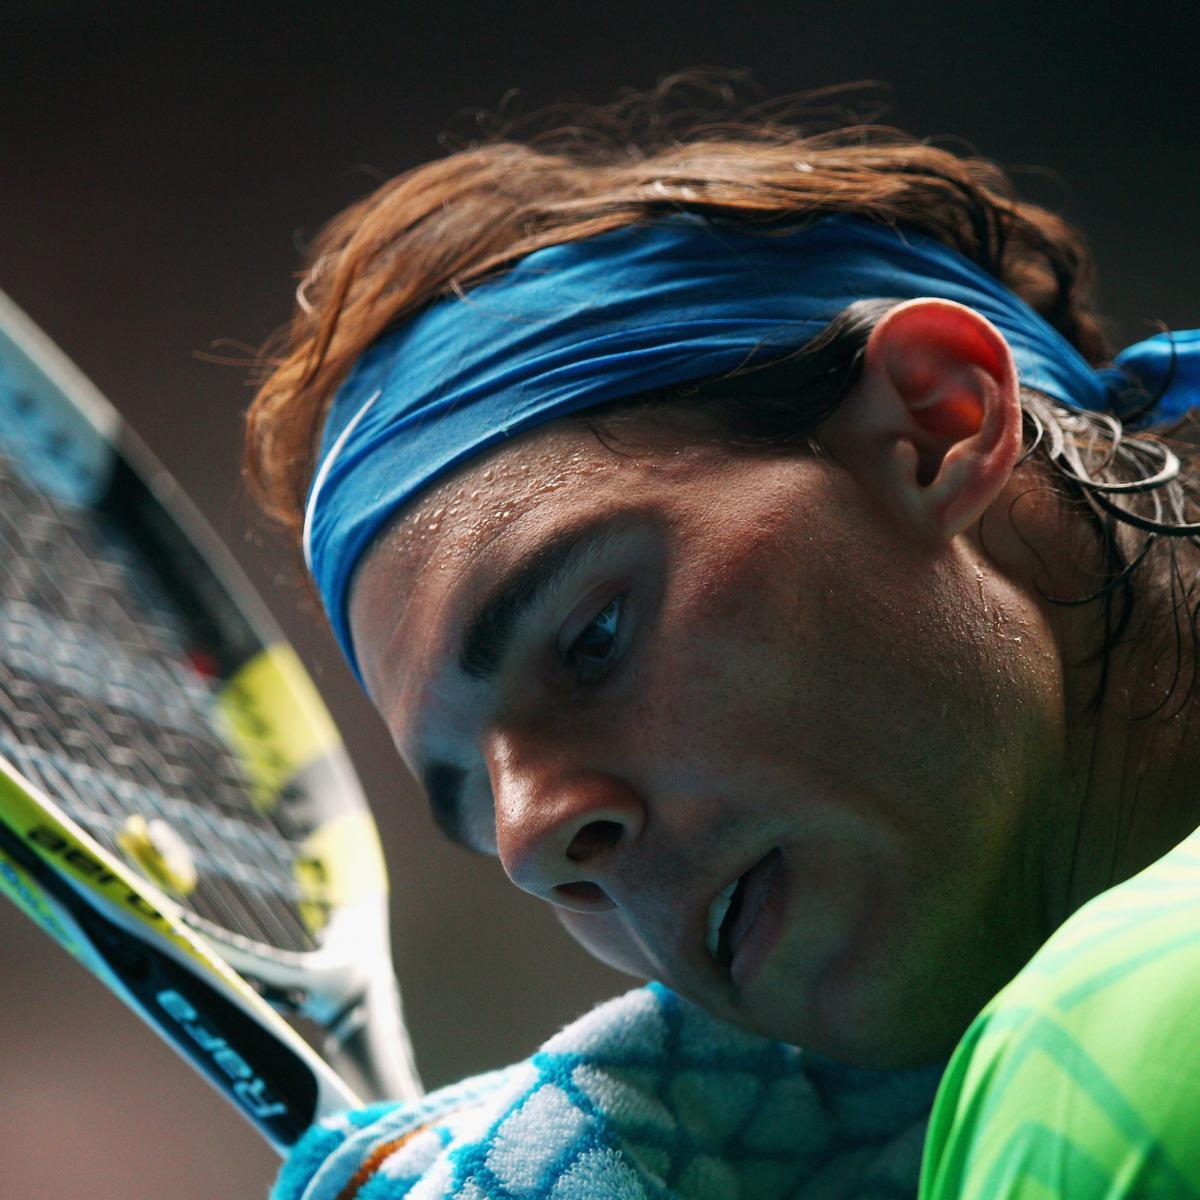 Rafael Nadal: Rafa Showing No Ill Effect from Injuries at ...